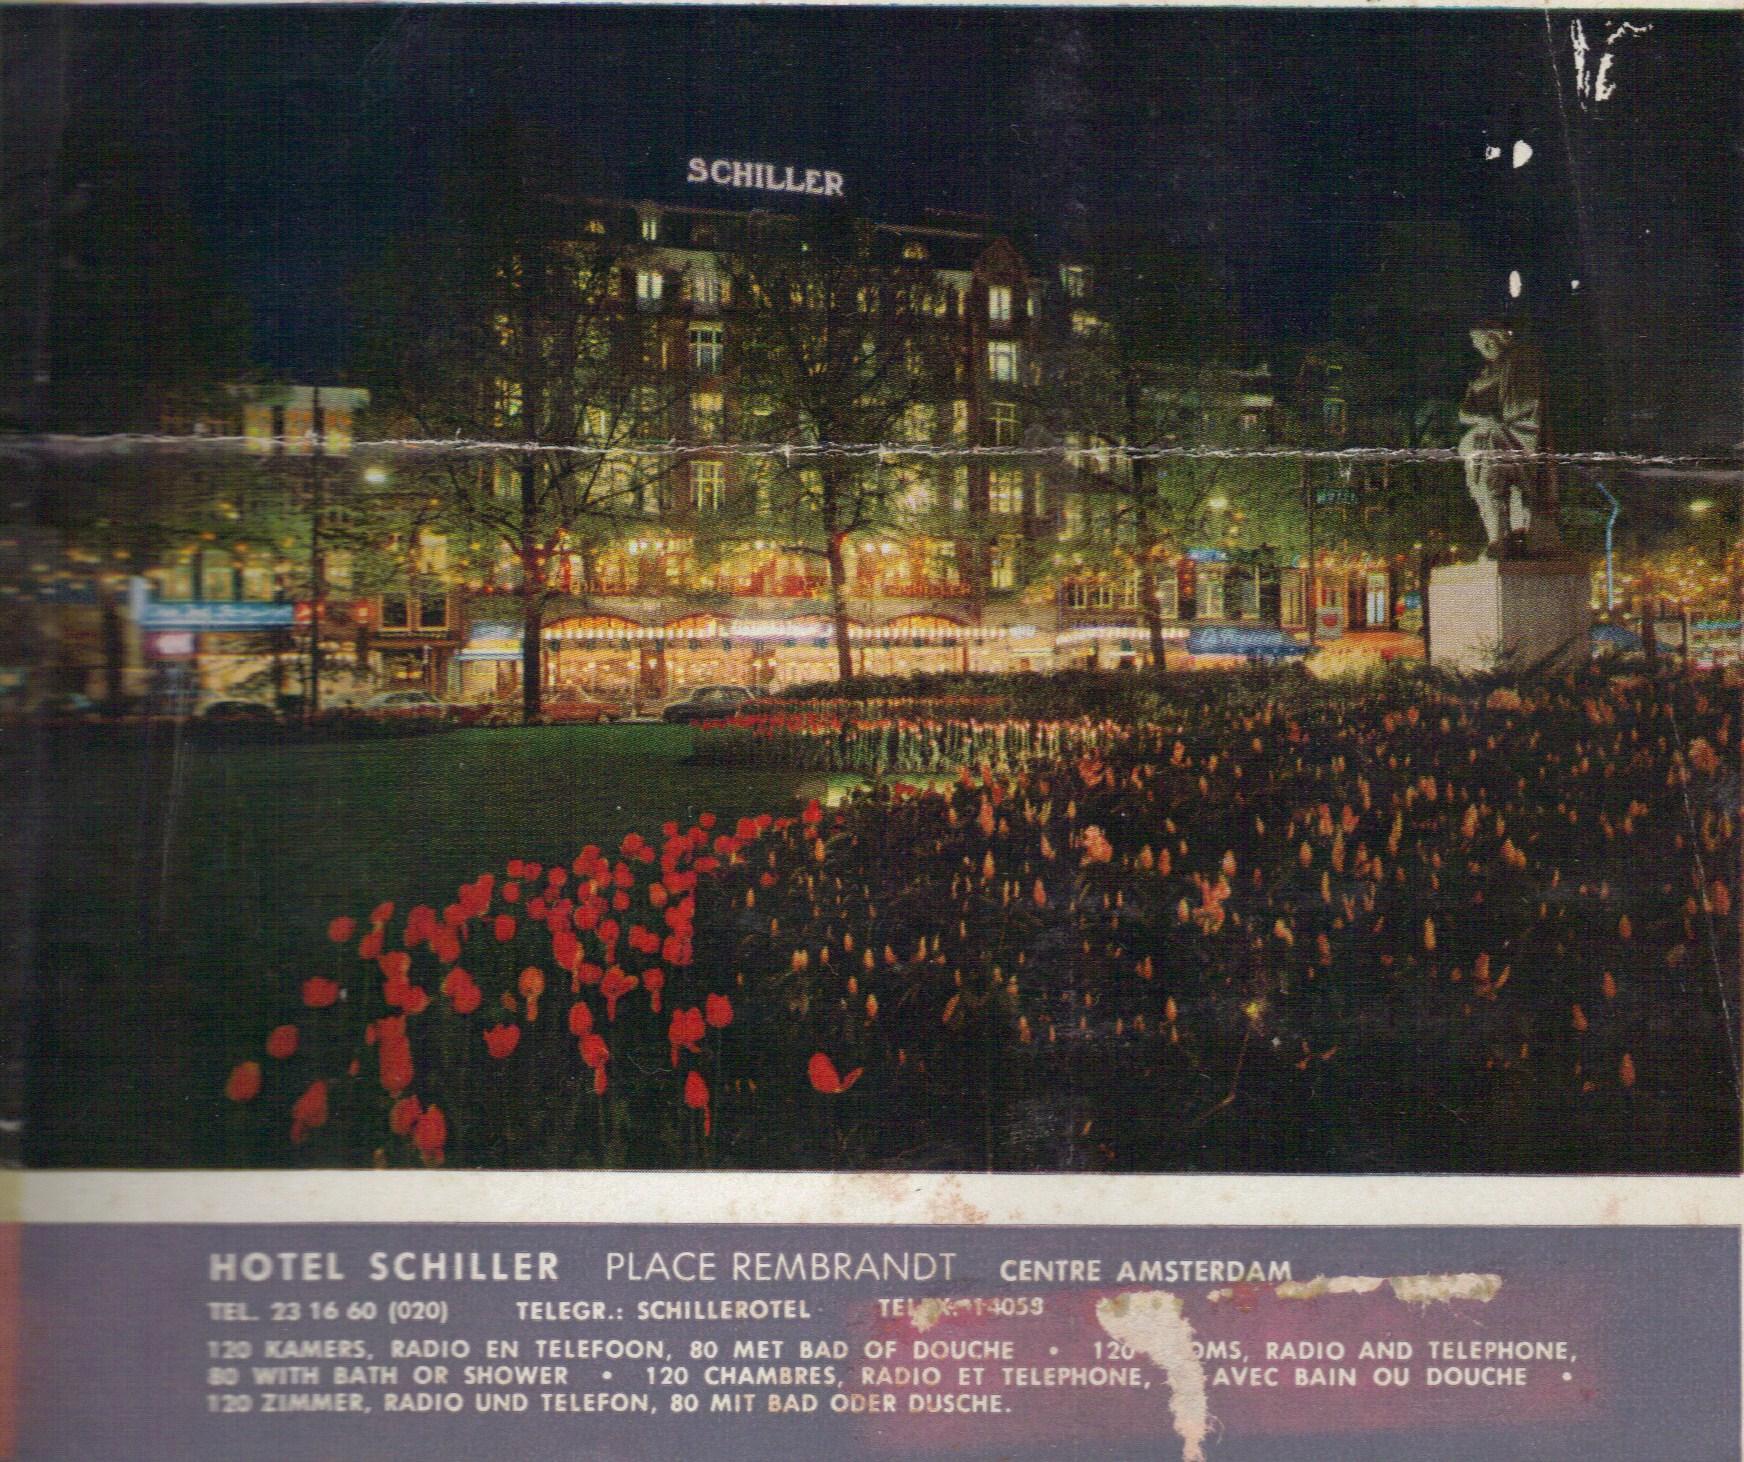 Hotel Schiller - Amsterdam